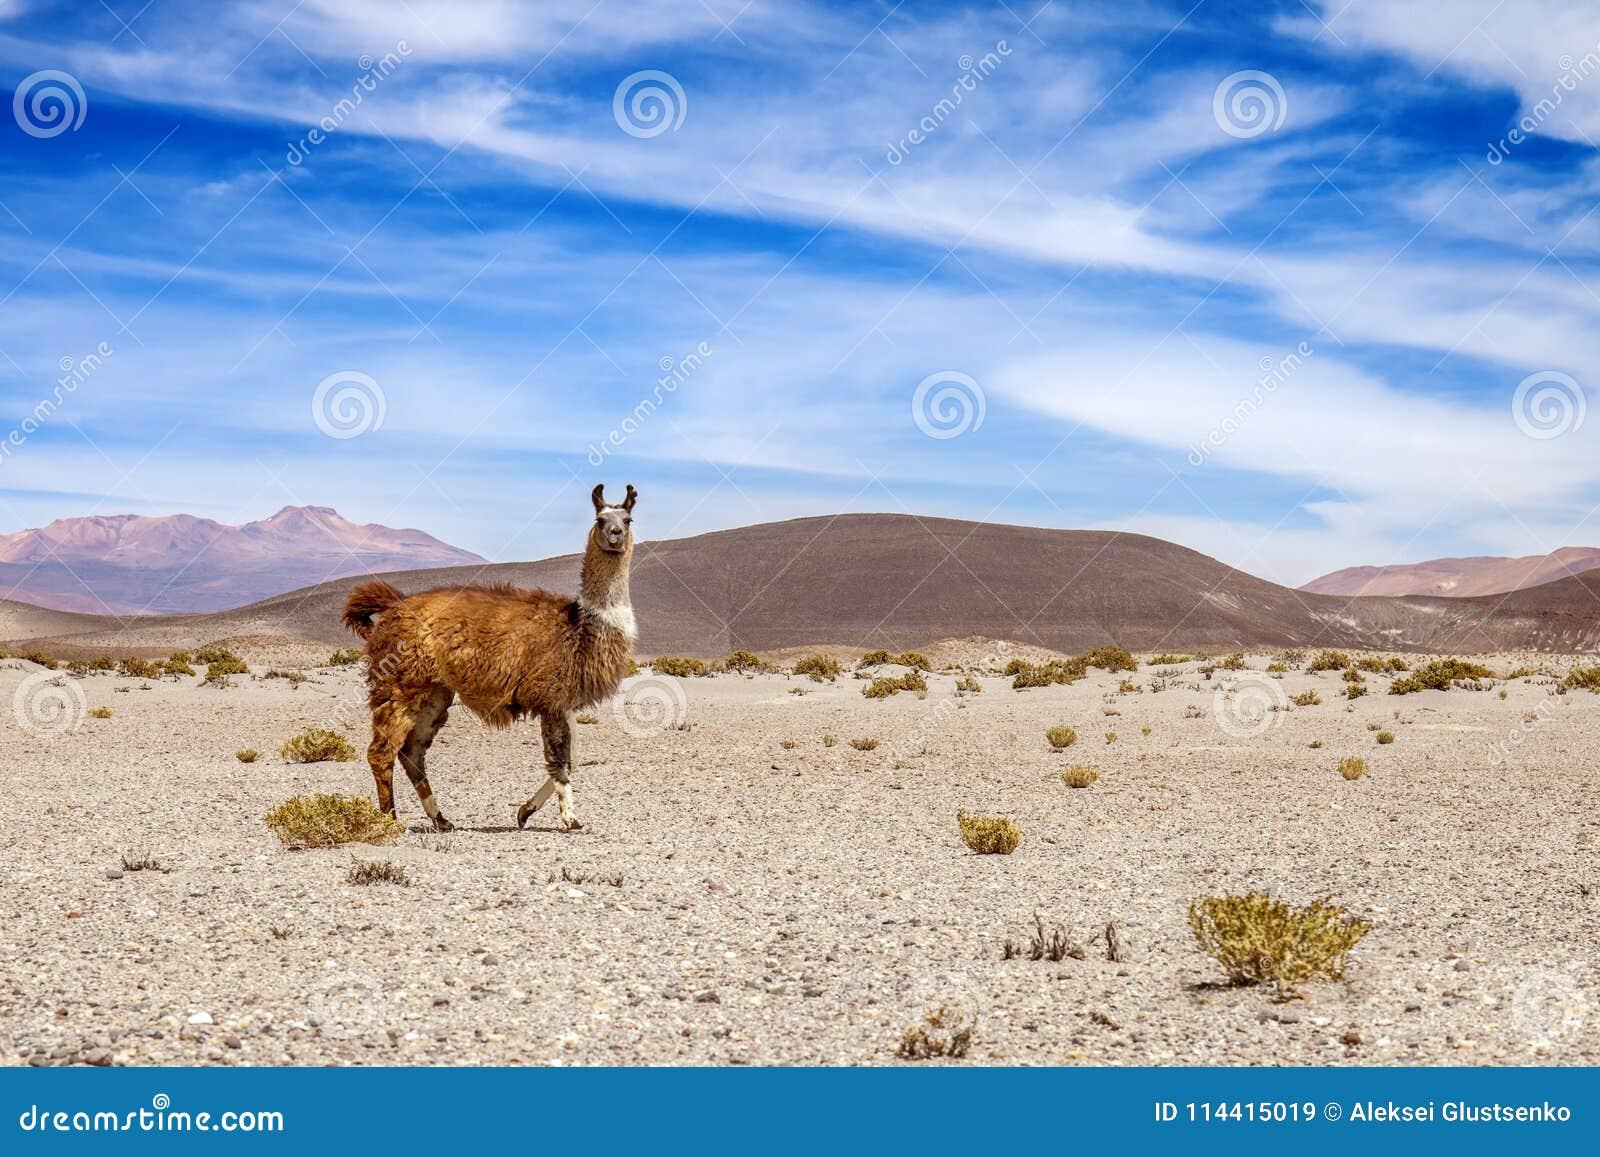 Lama sauvage sur les montagnes des Andes Montagne et ciel bleu à l arrière-plan